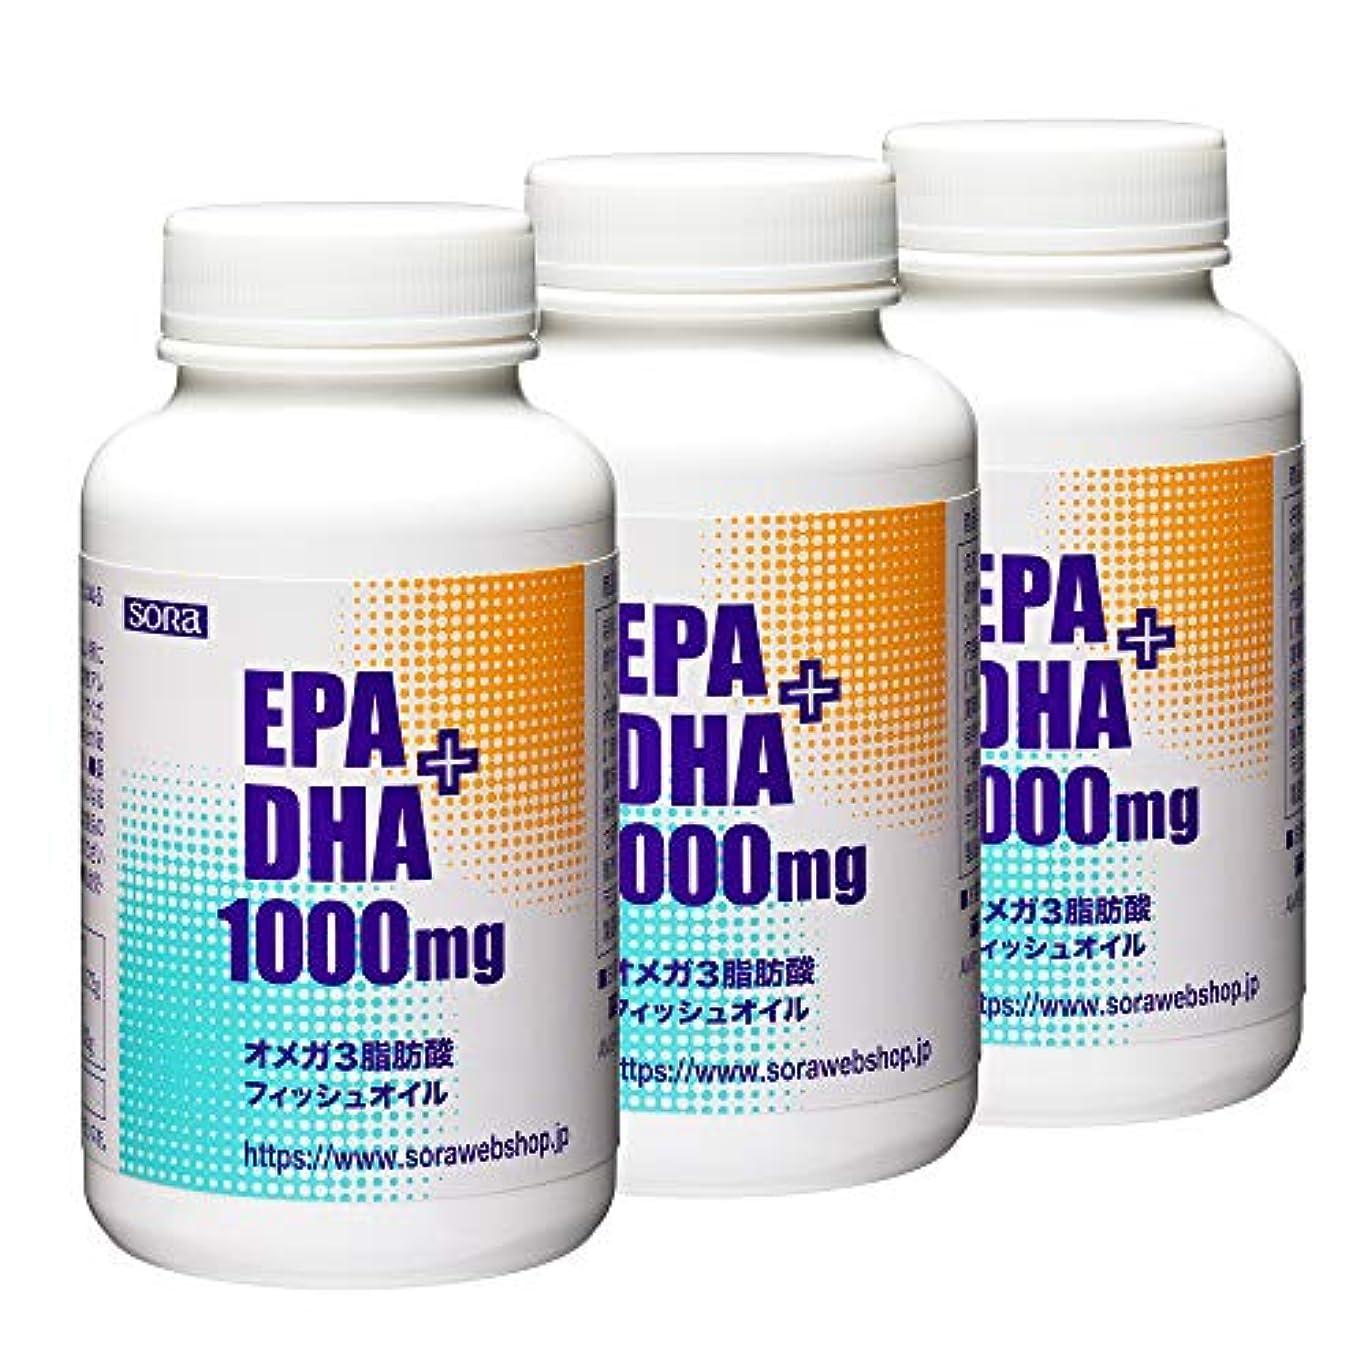 合成マニュアルファセット【まとめ買い】そら EPA+DHA 1000mg (魚のオイル オメガ3) 【180粒入 × 3本セット】[5% OFF]